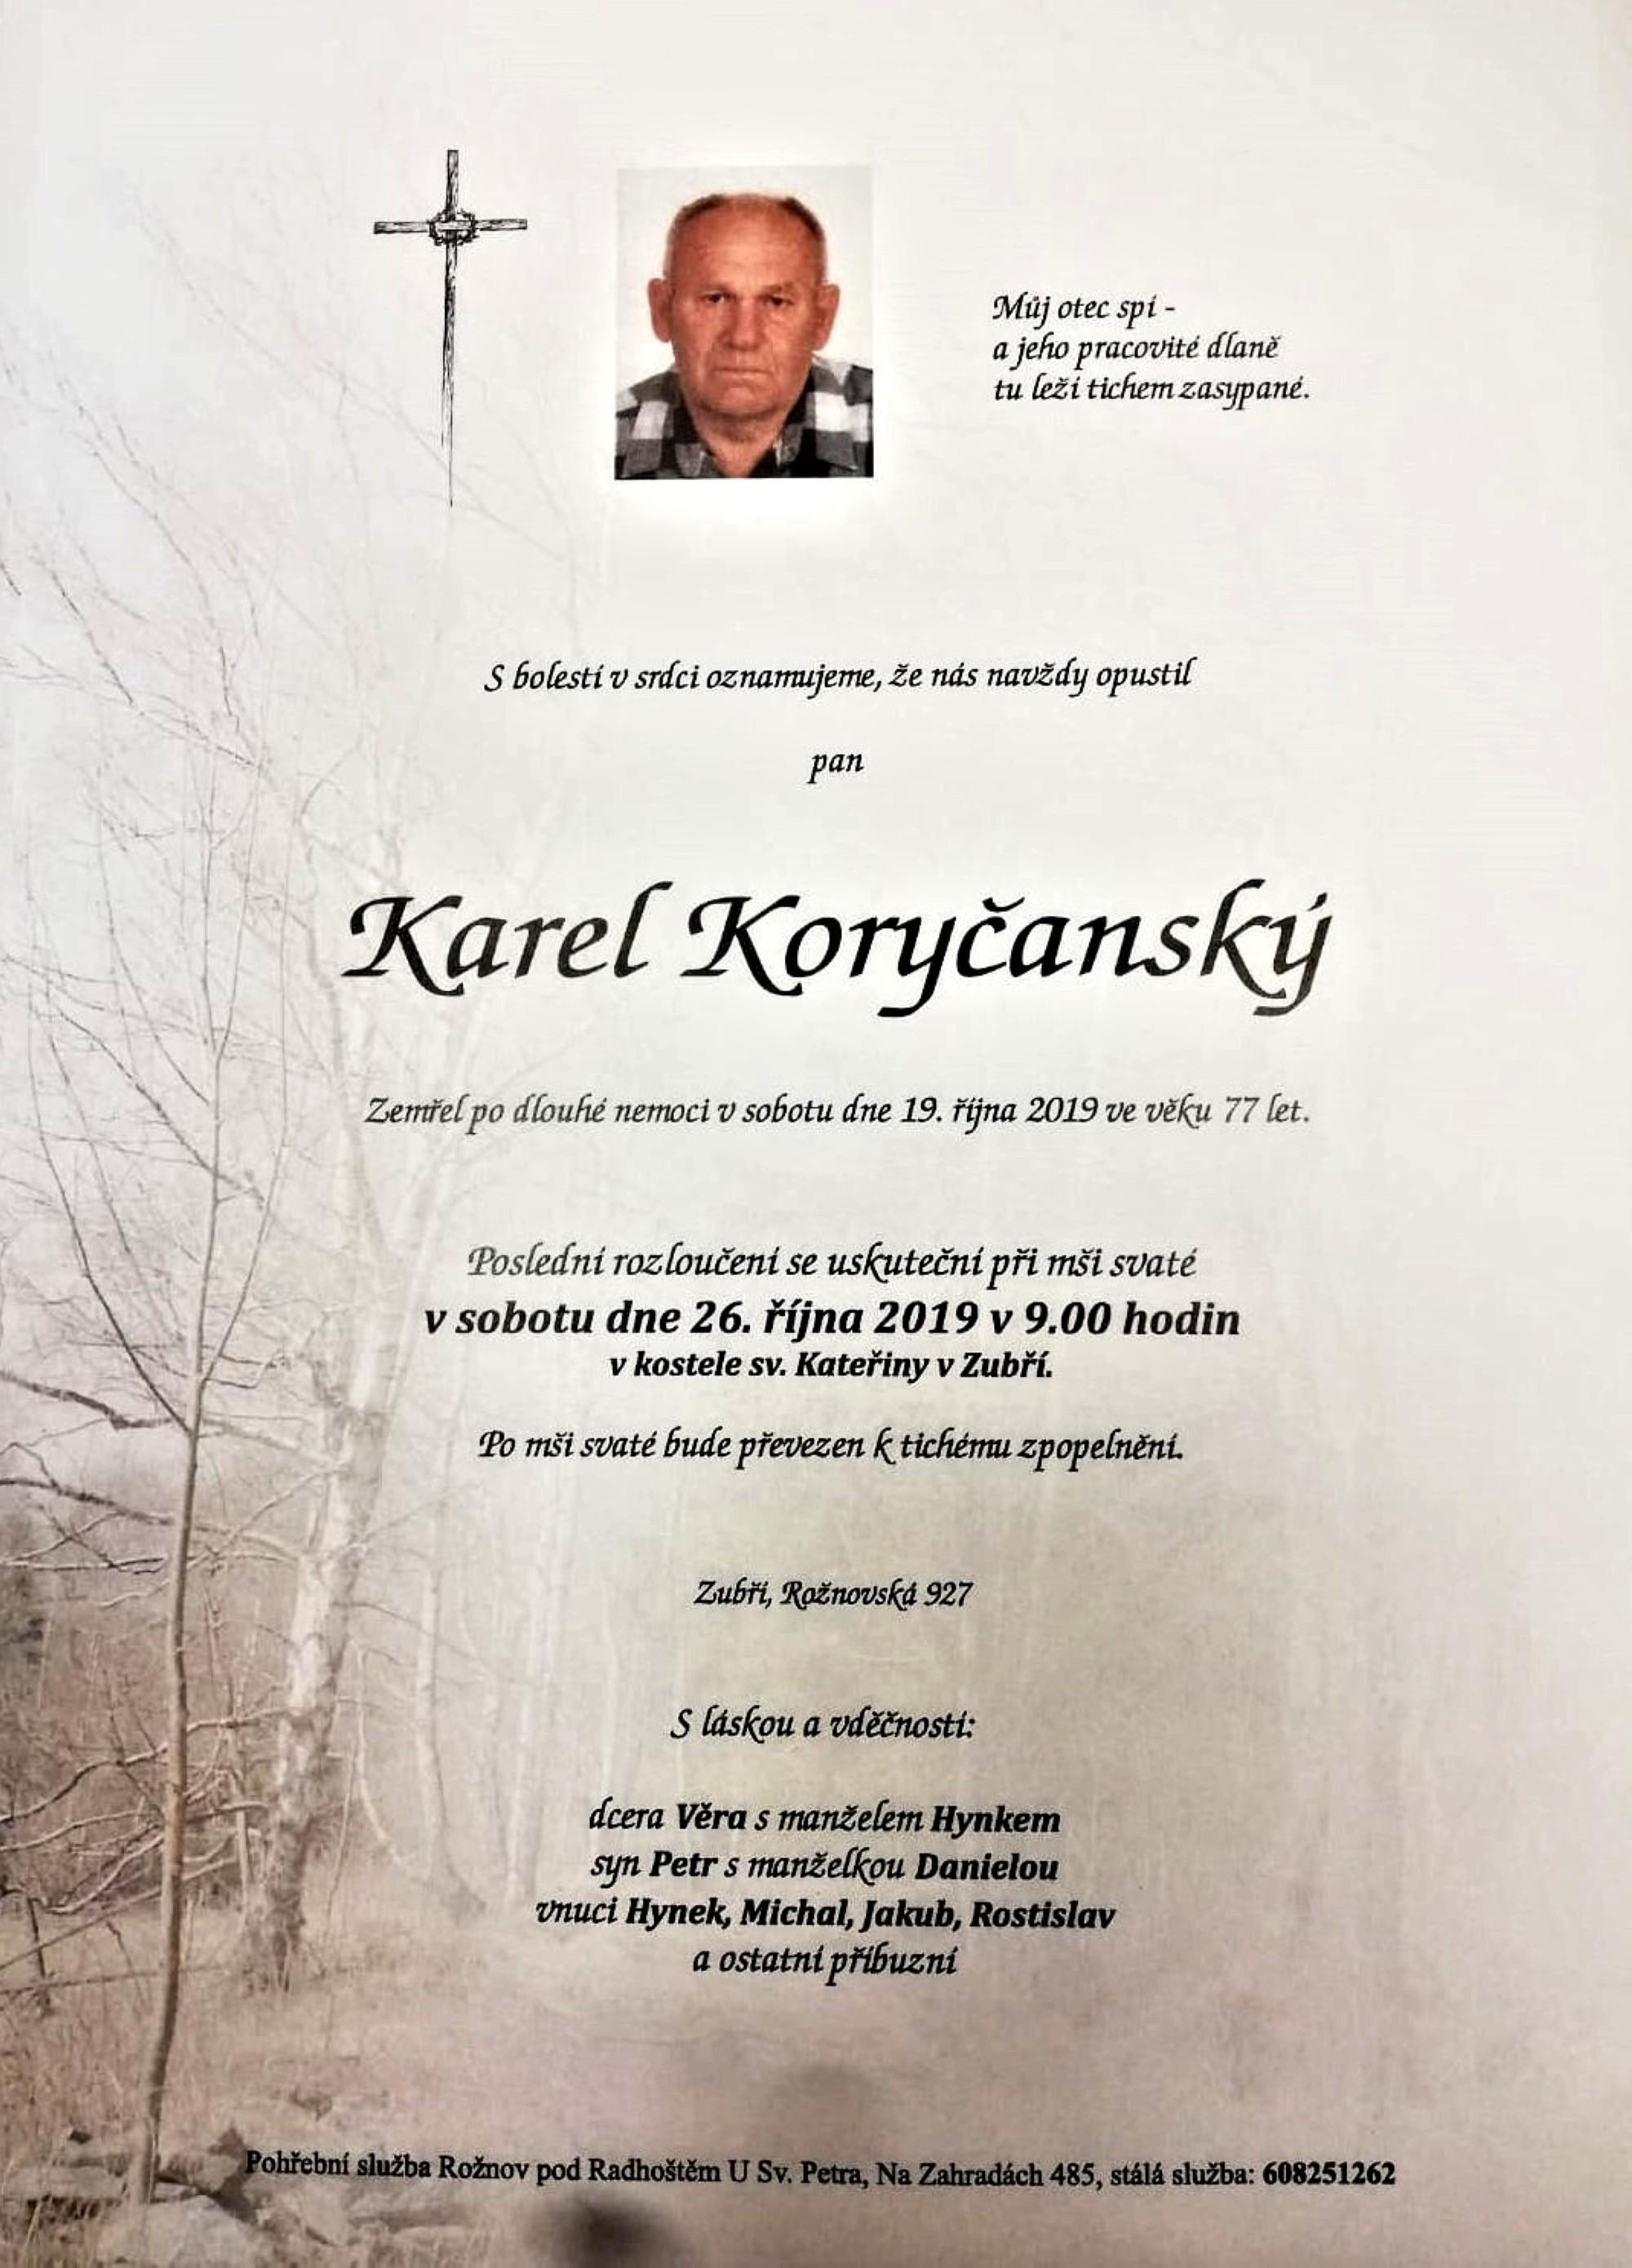 Karel Koryčanský